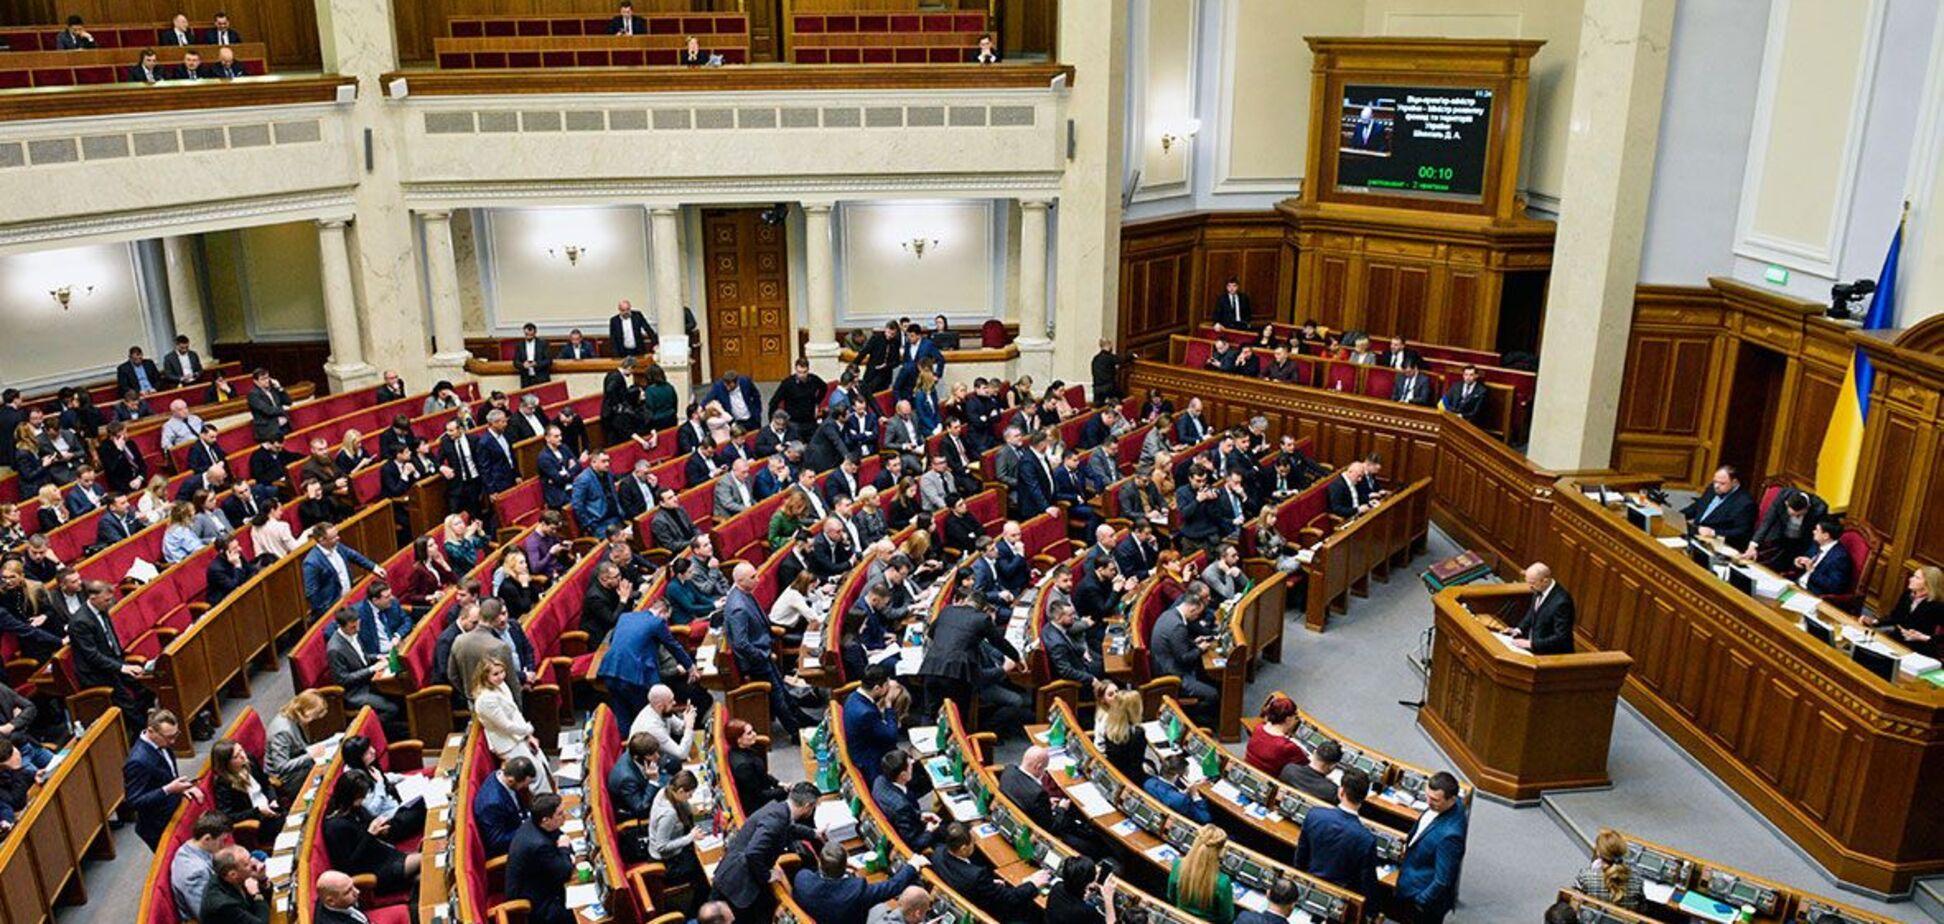 Екокомітет Ради схвалив законопроєкт про викиди до початку засідання